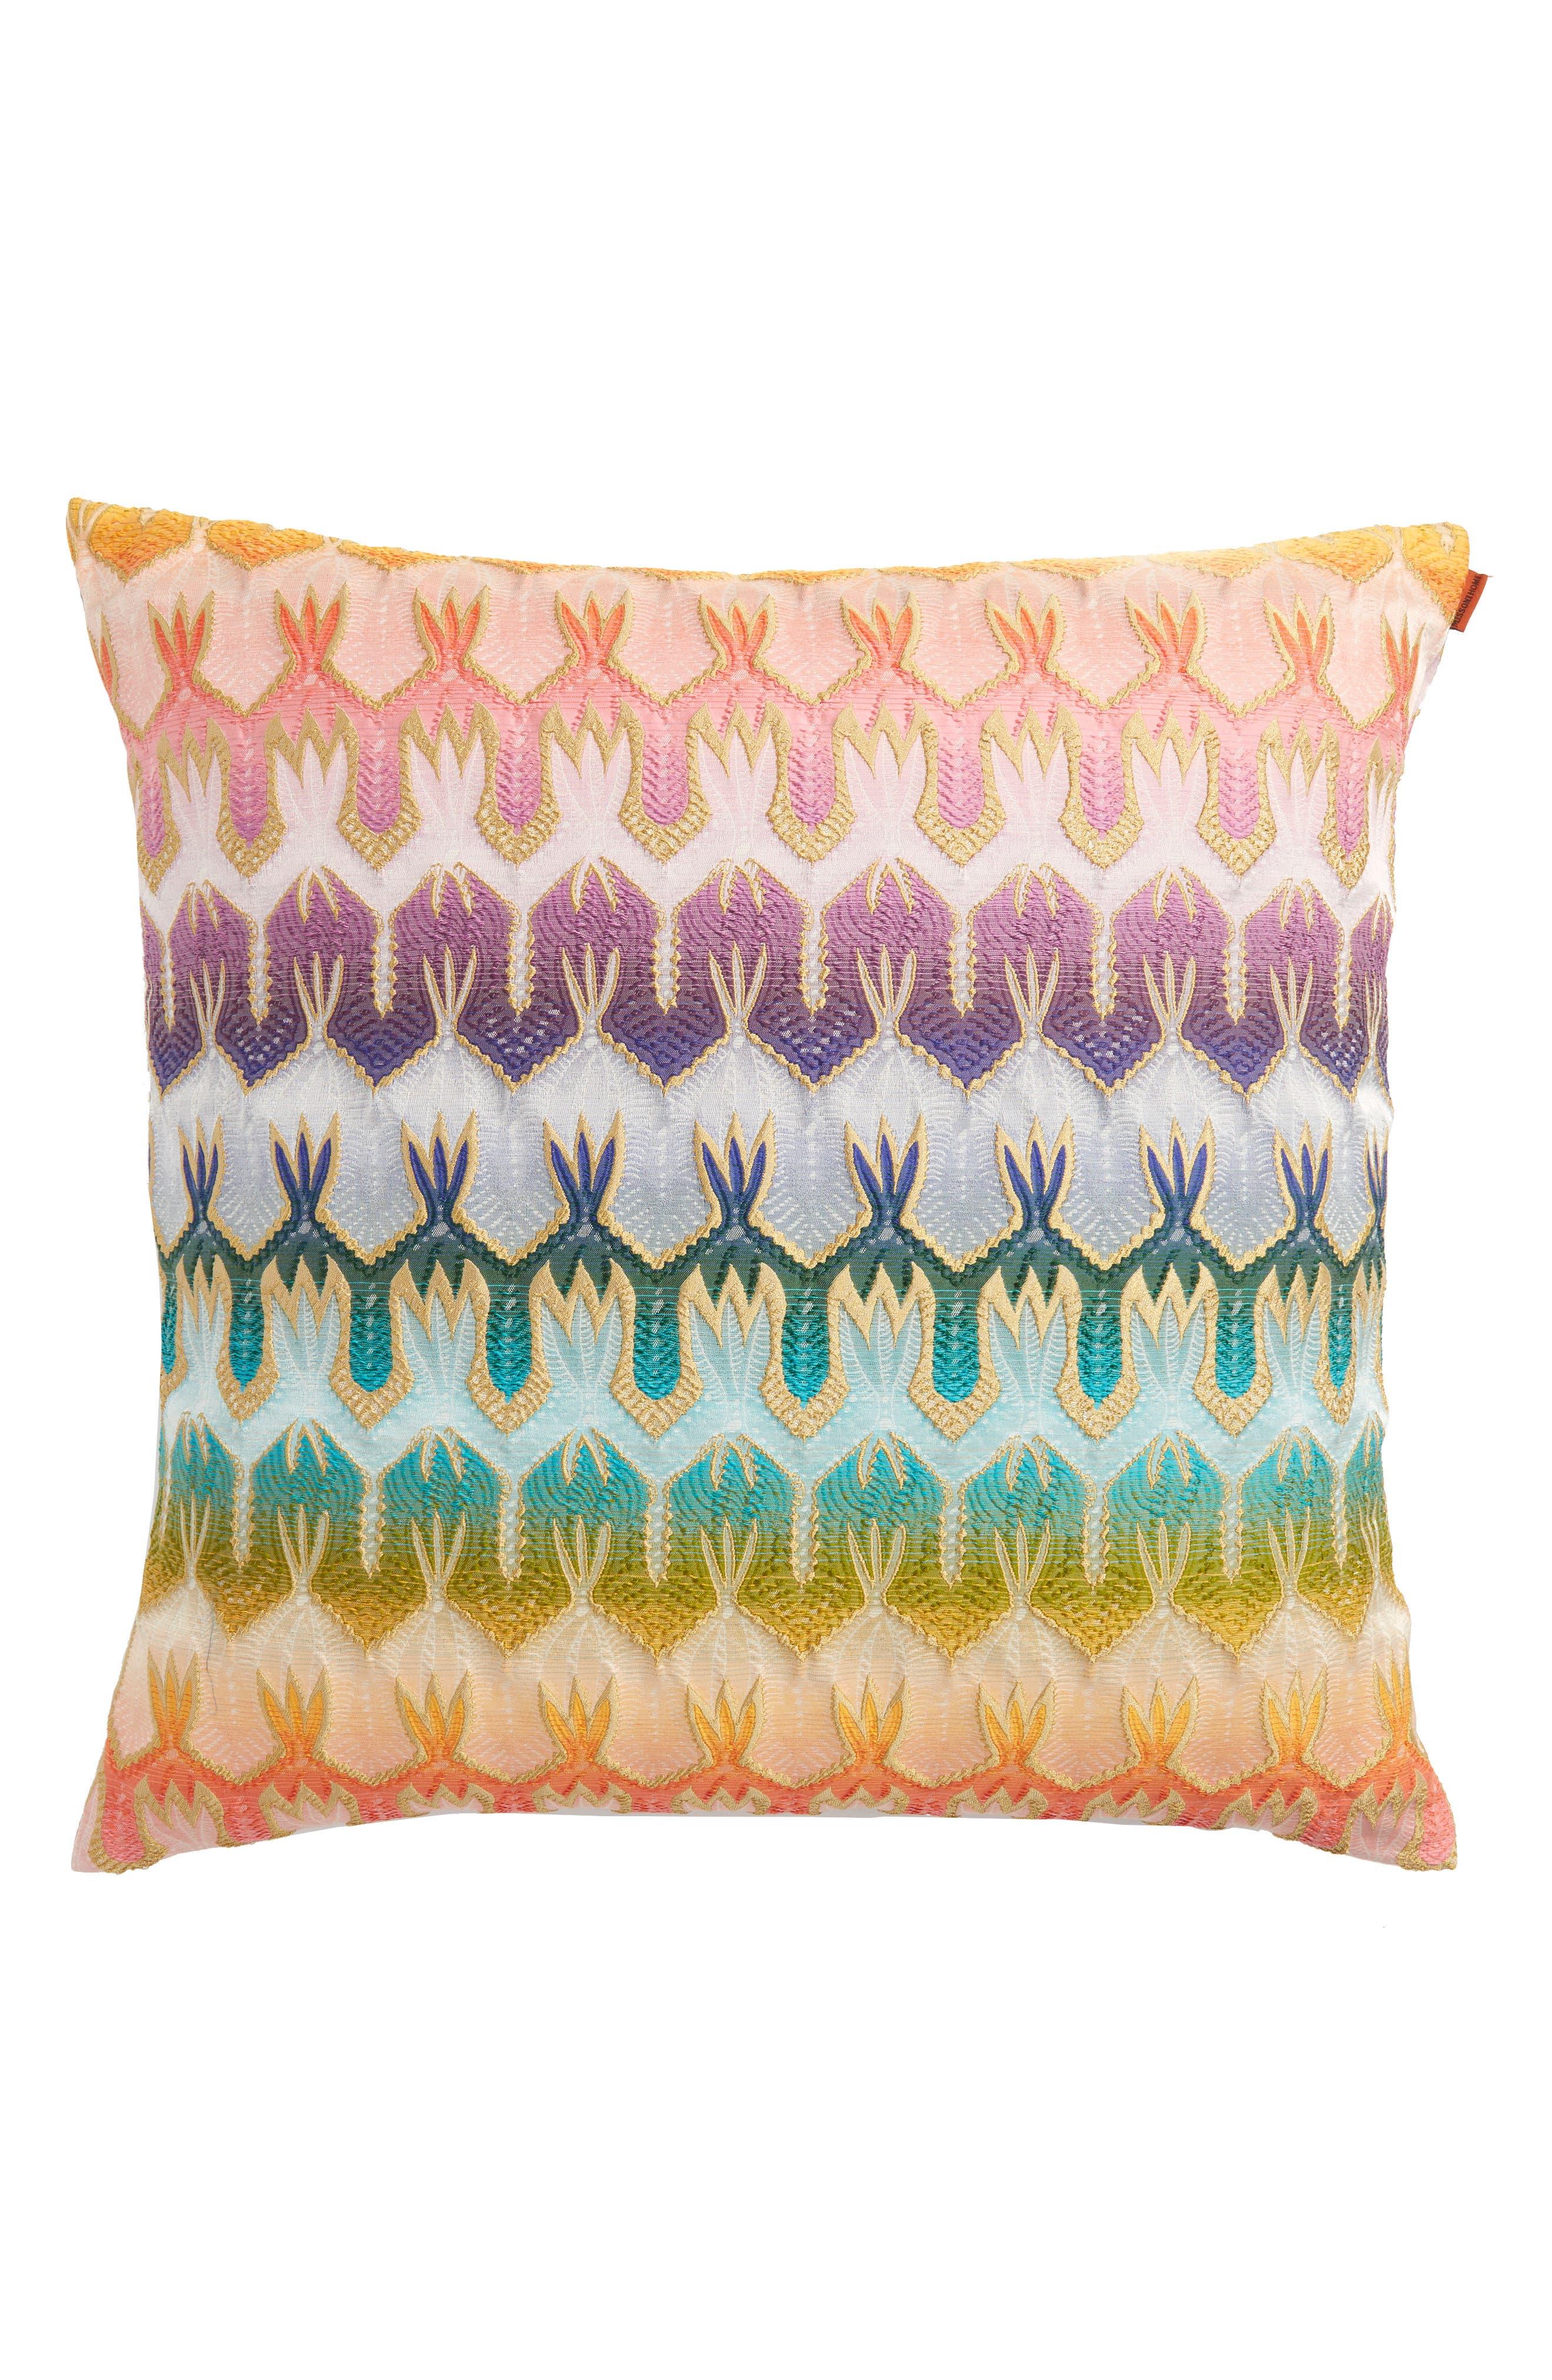 Pasadena Accent Pillow,                             Alternate thumbnail 2, color,                             400